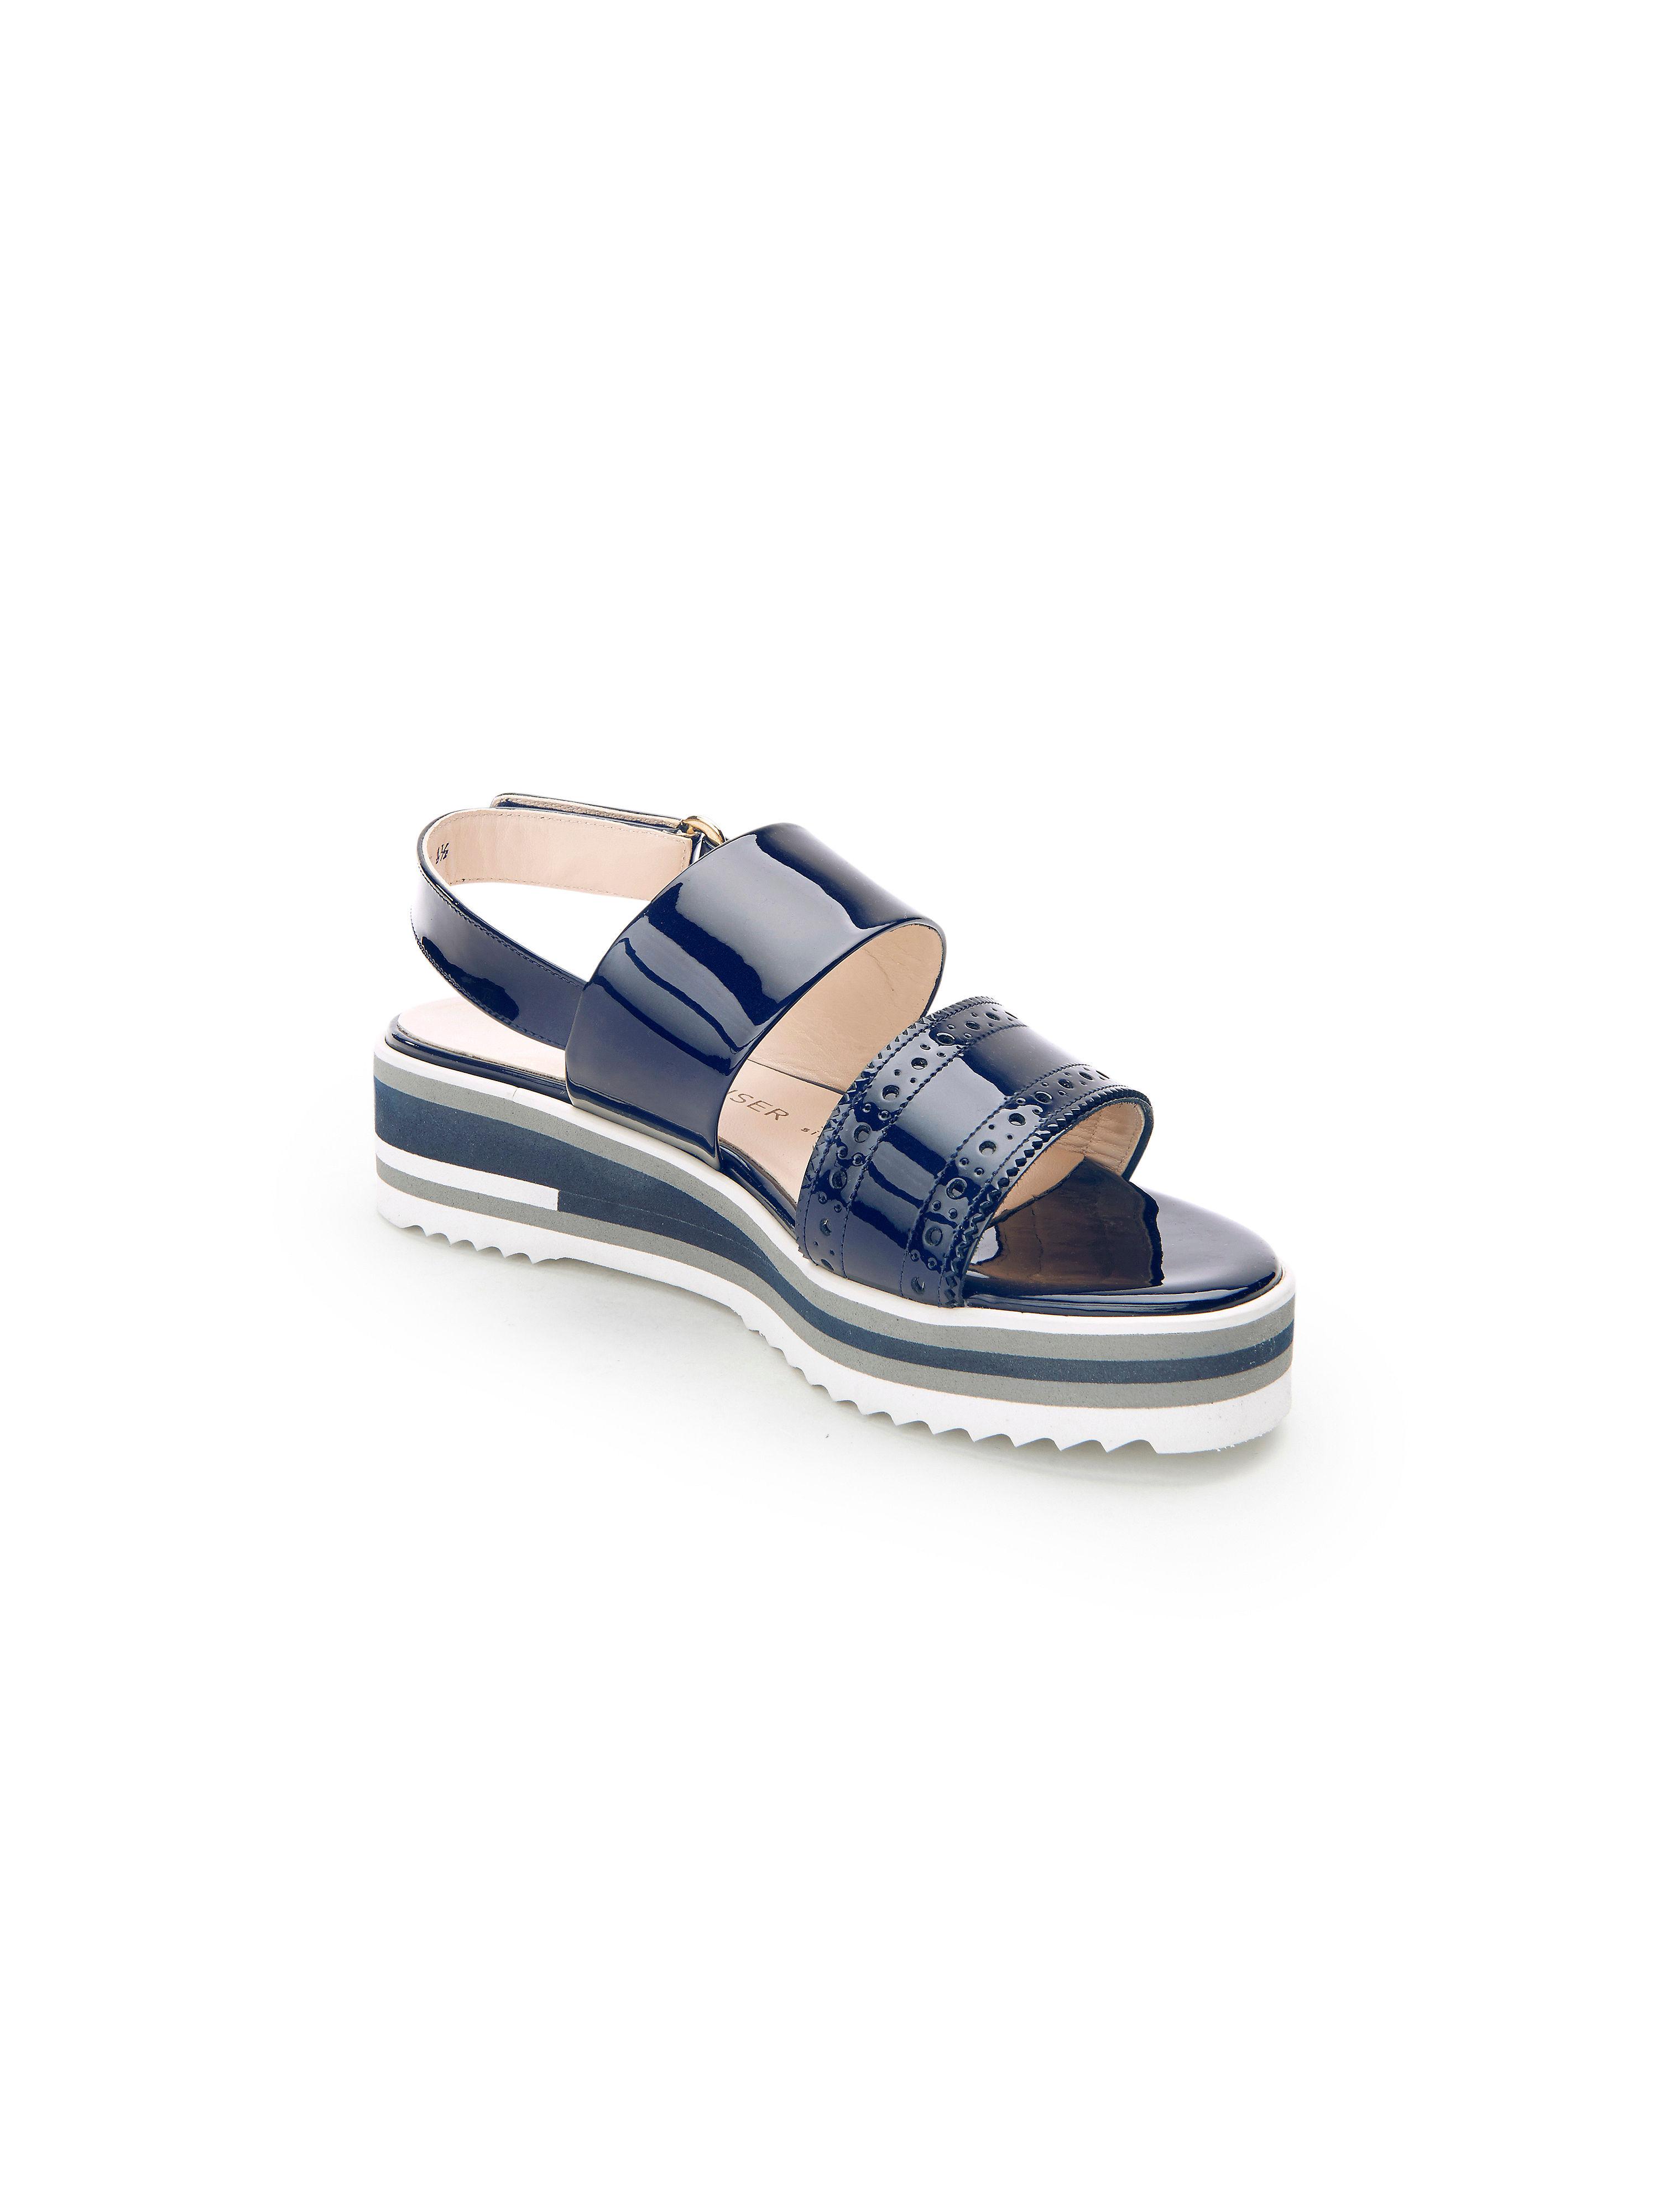 Peter Kaiser - Sandale beliebte Mirja - Marine/Weiß Gute Qualität beliebte Sandale Schuhe f848d2